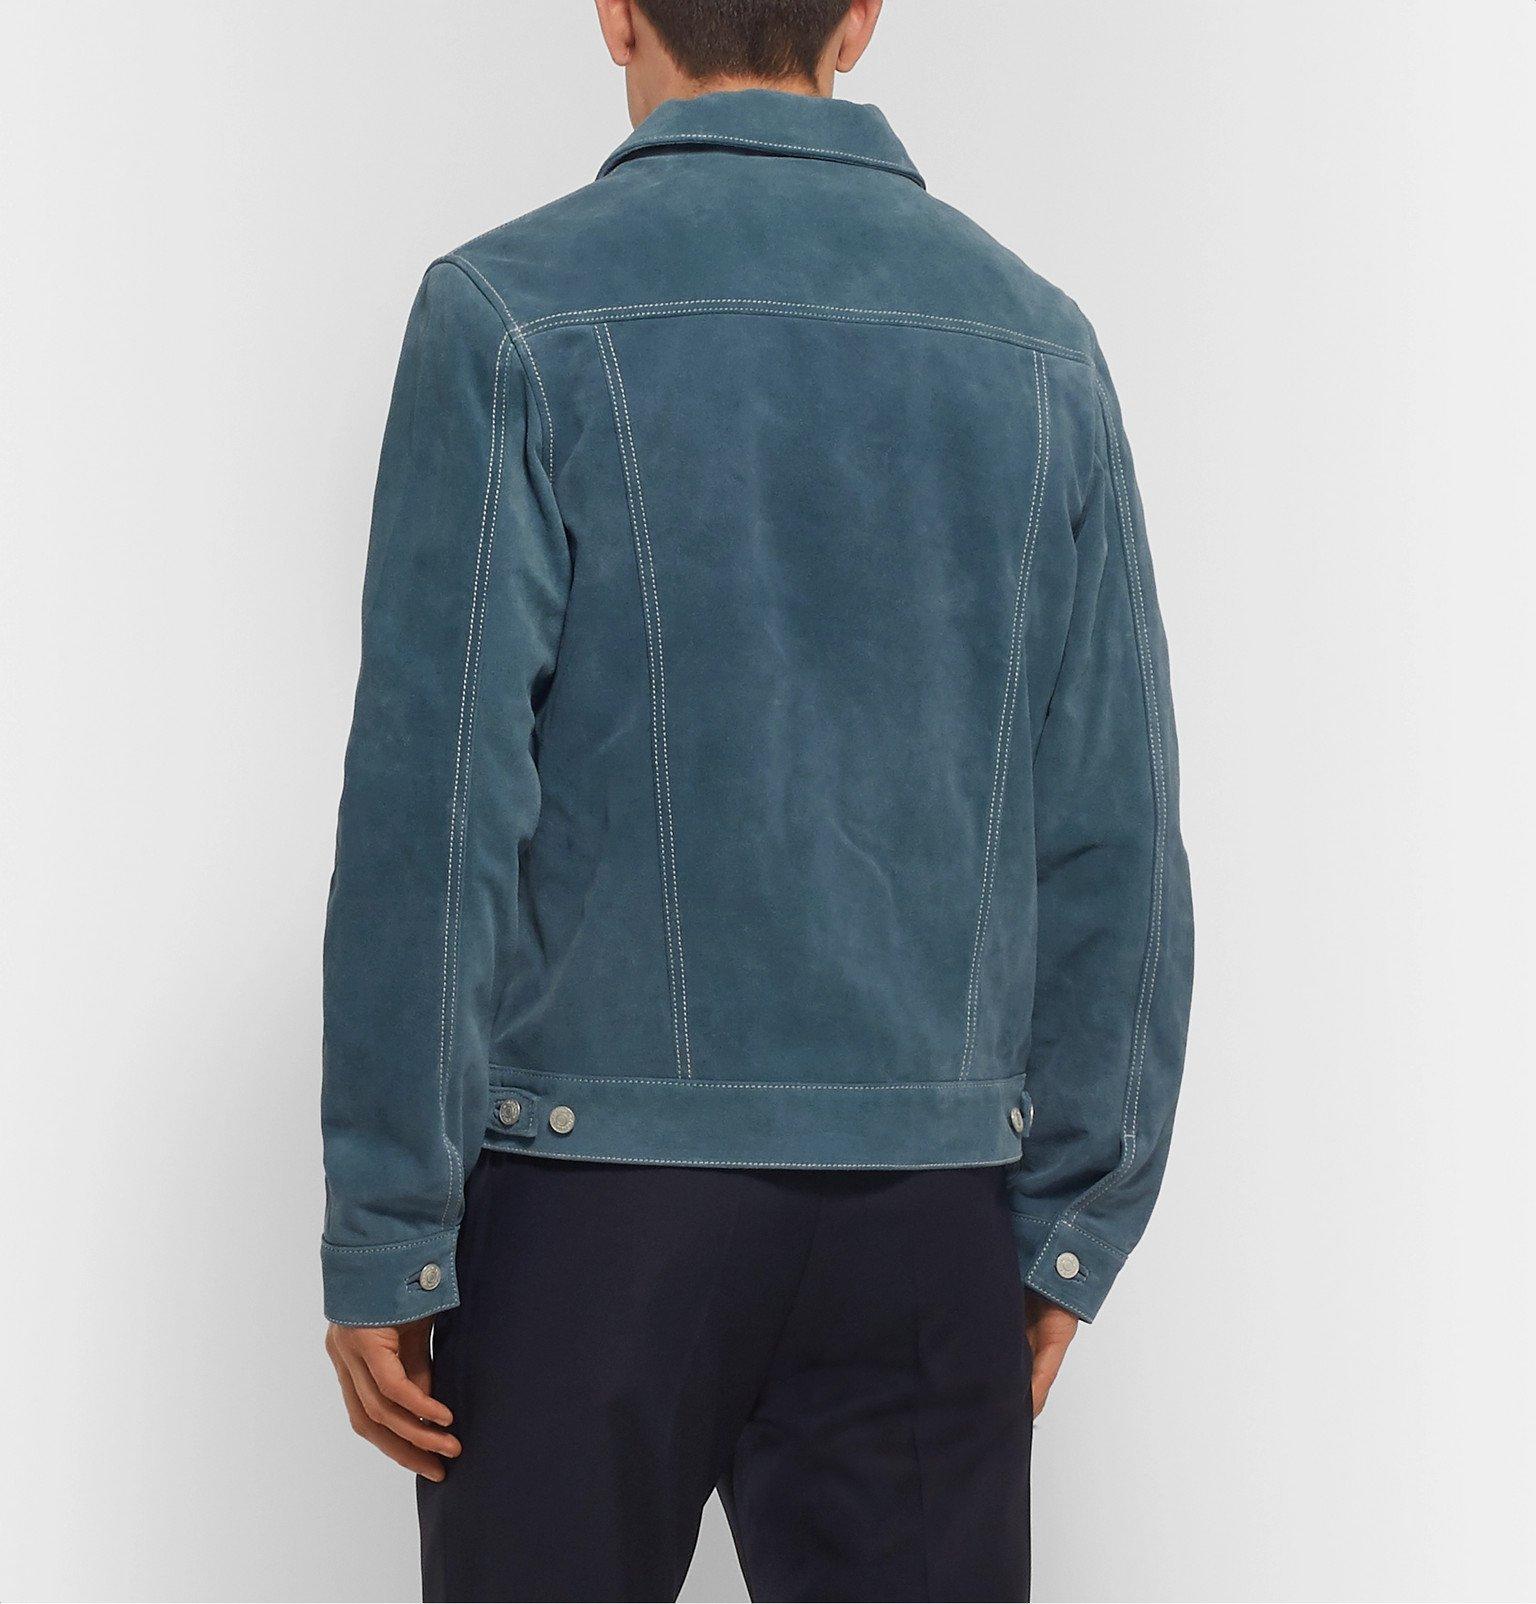 Officine Generale - Leo Suede Trucker Jacket - Blue